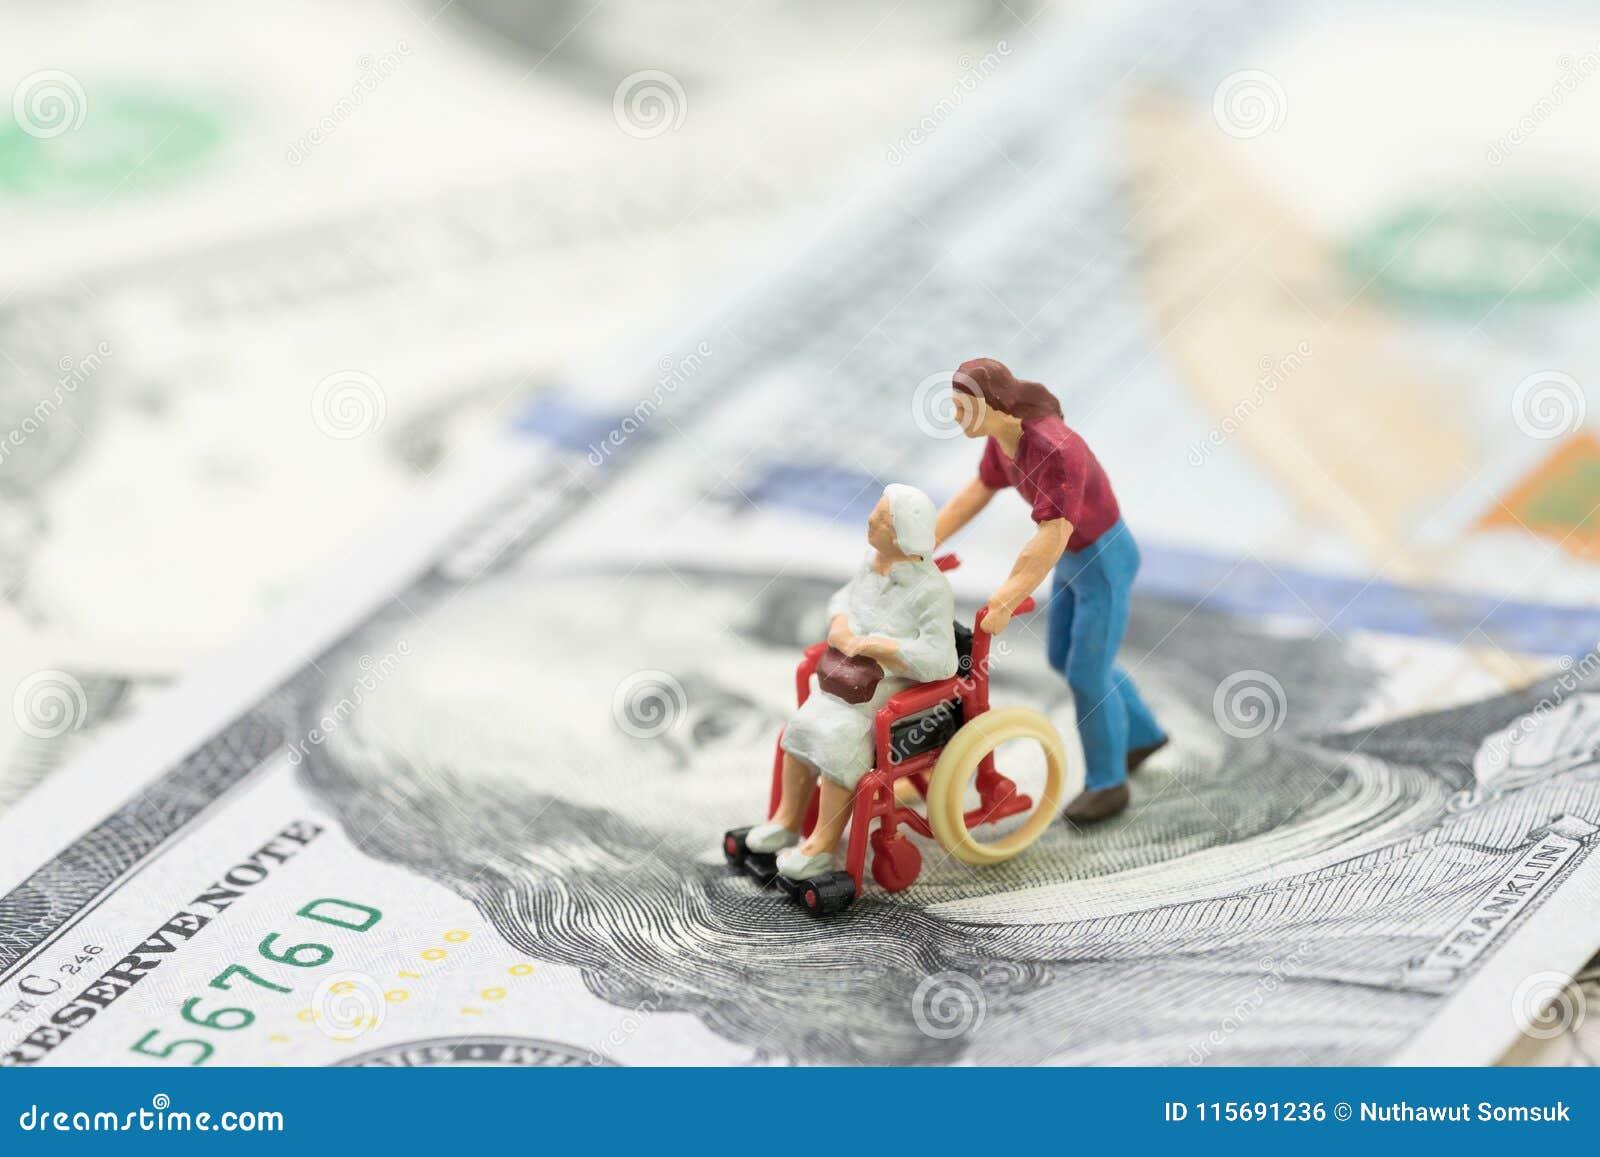 Coste de vida del retiro, de seguro médico o de industria médica